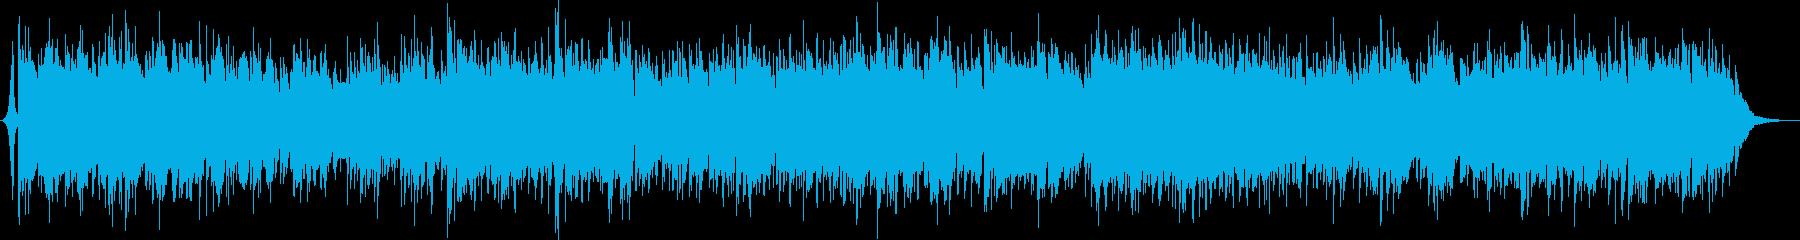 透明感のある洋楽ドリームポップ ギタポの再生済みの波形